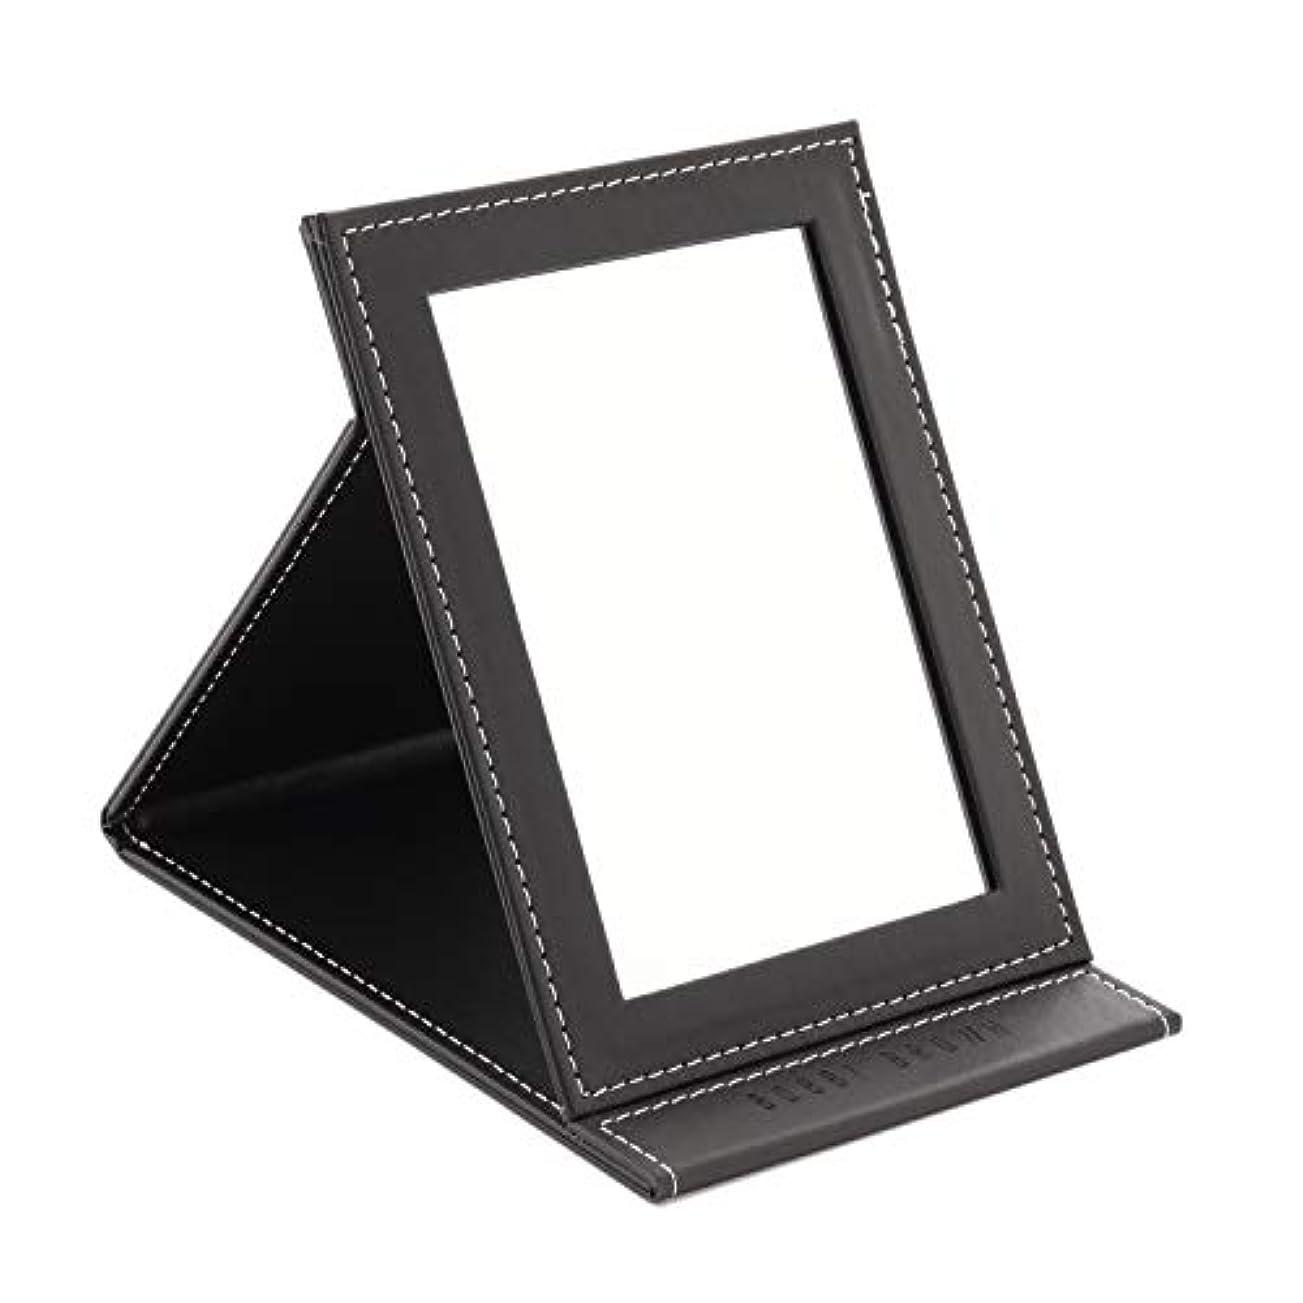 ゆでる節約ボード[スプレンノ] 折り畳みミラー 化粧鏡 スタンドミラー 角度調整 自由自在 外装PUレザー仕上げ (M)